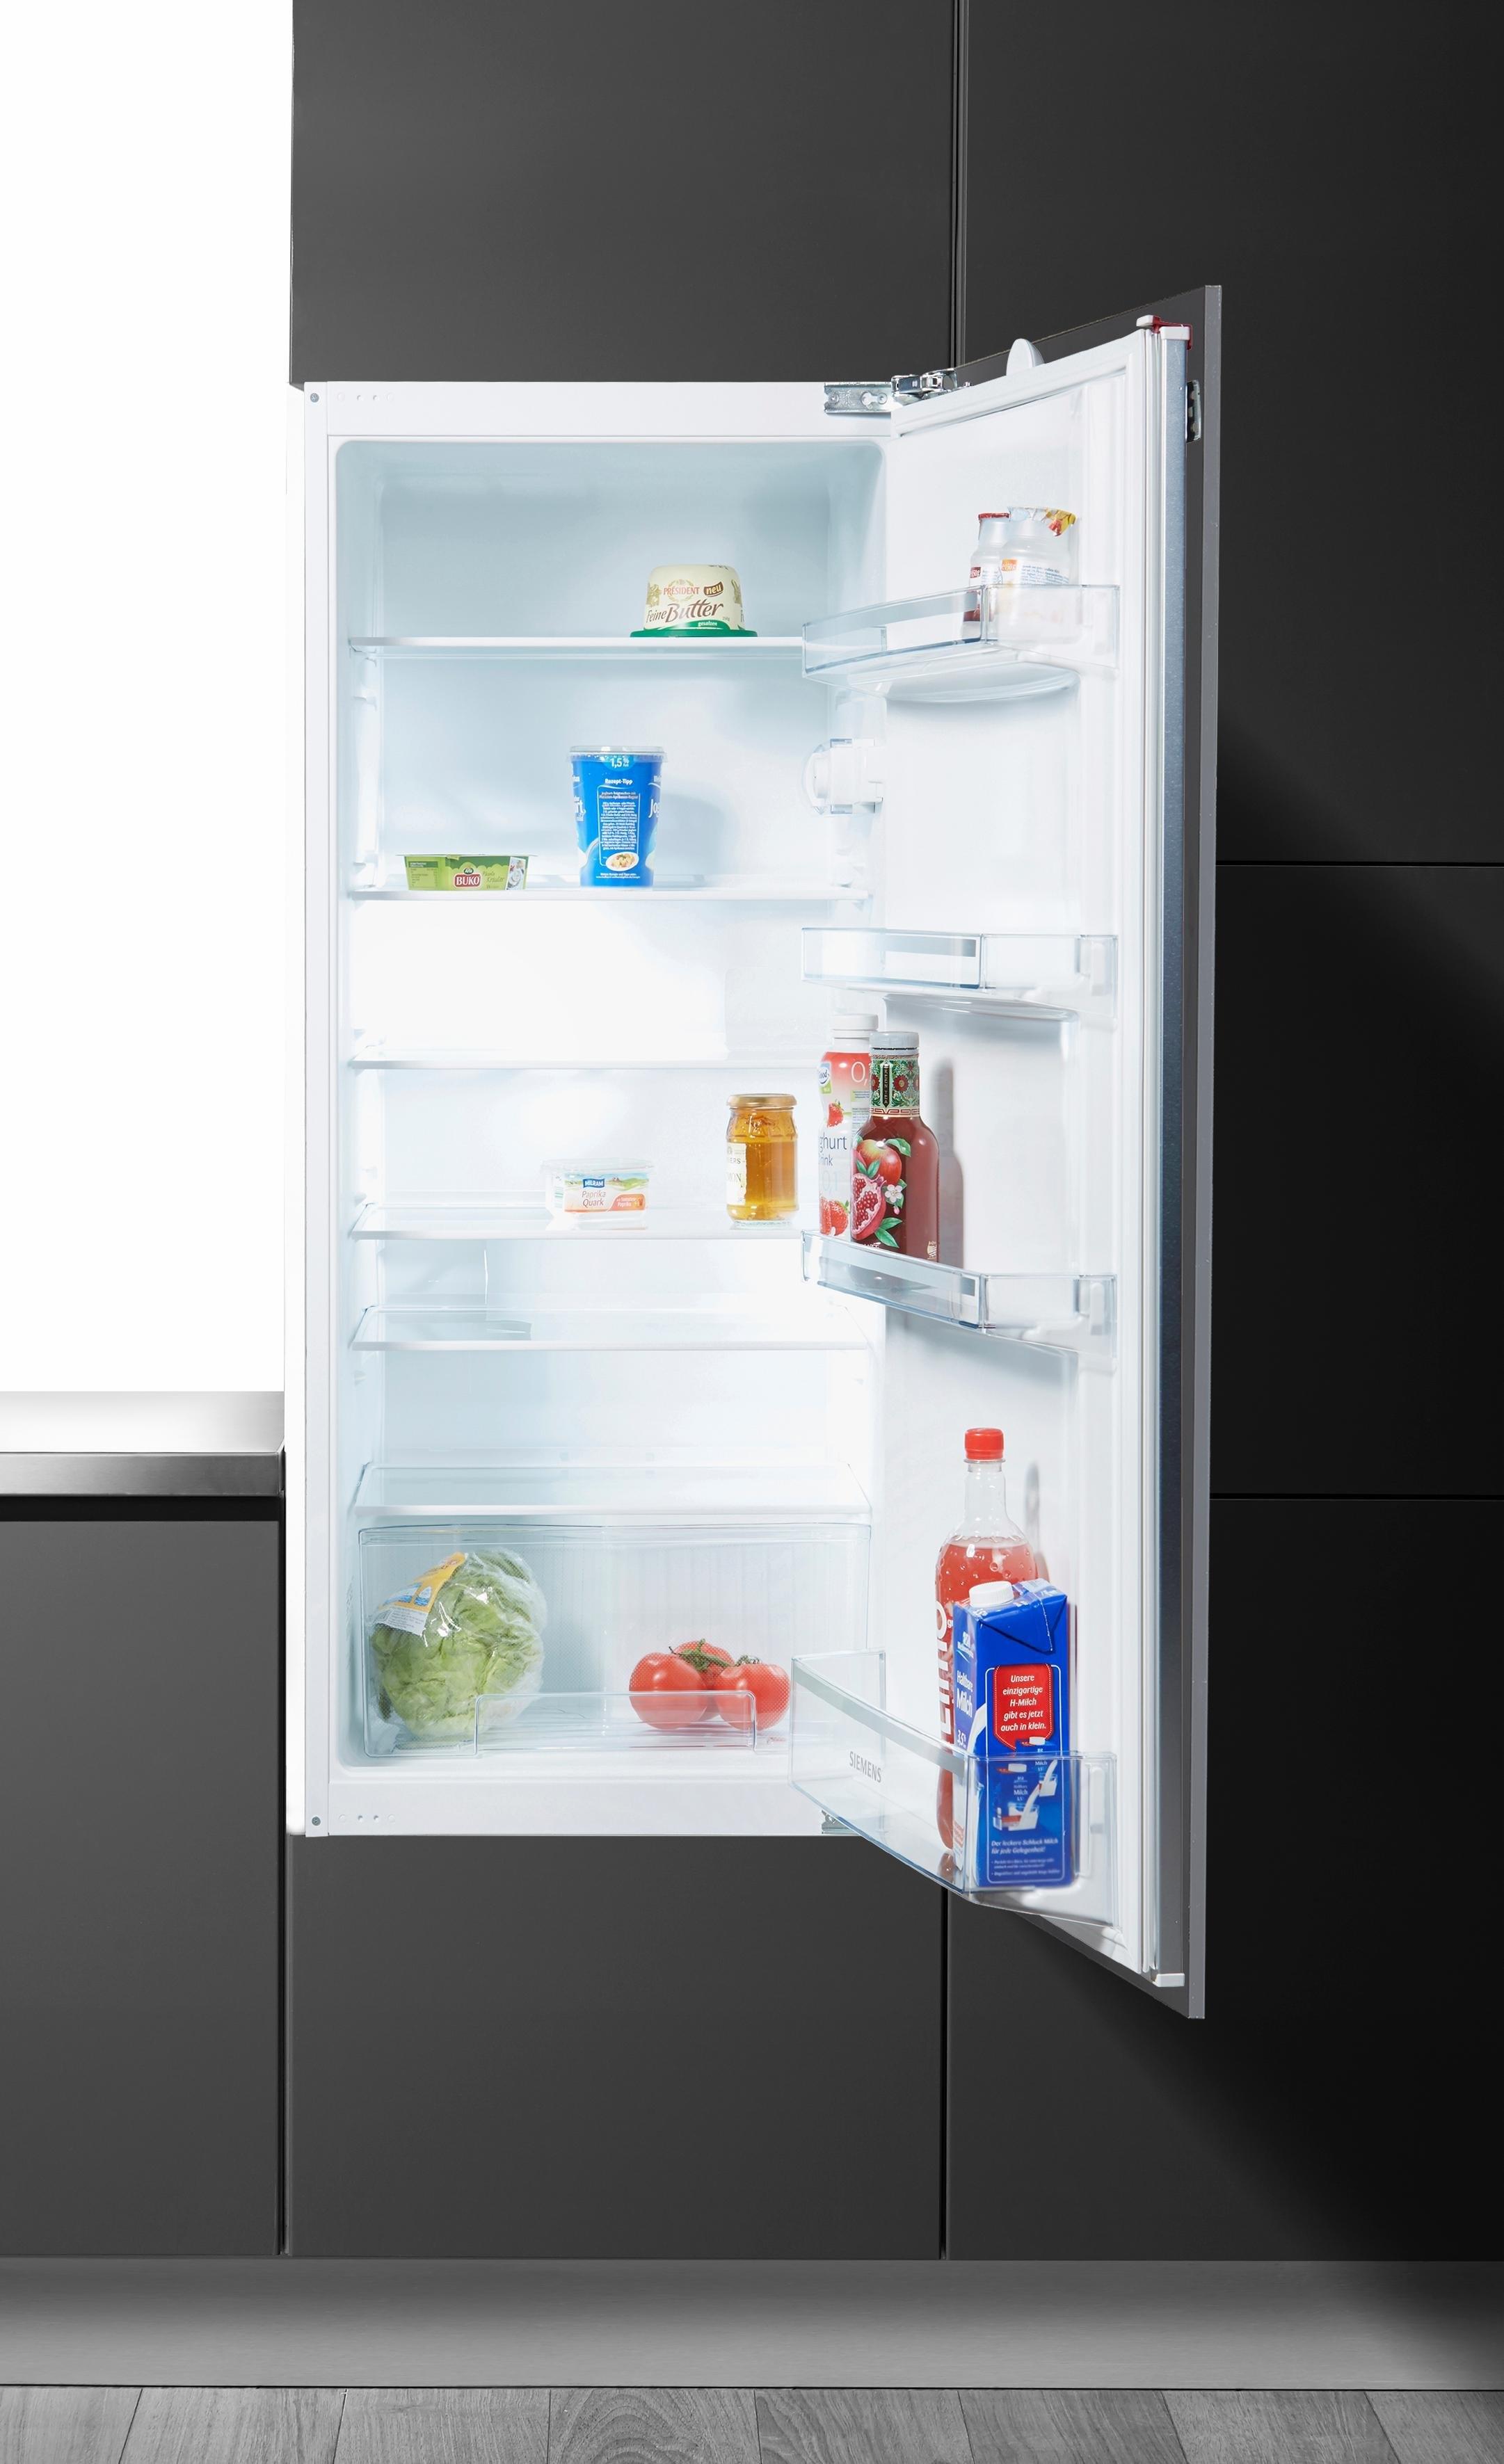 SIEMENS inbouwkoelkast KI24RV62, energieklasse A++, 122,1 cm hoog online kopen op otto.nl